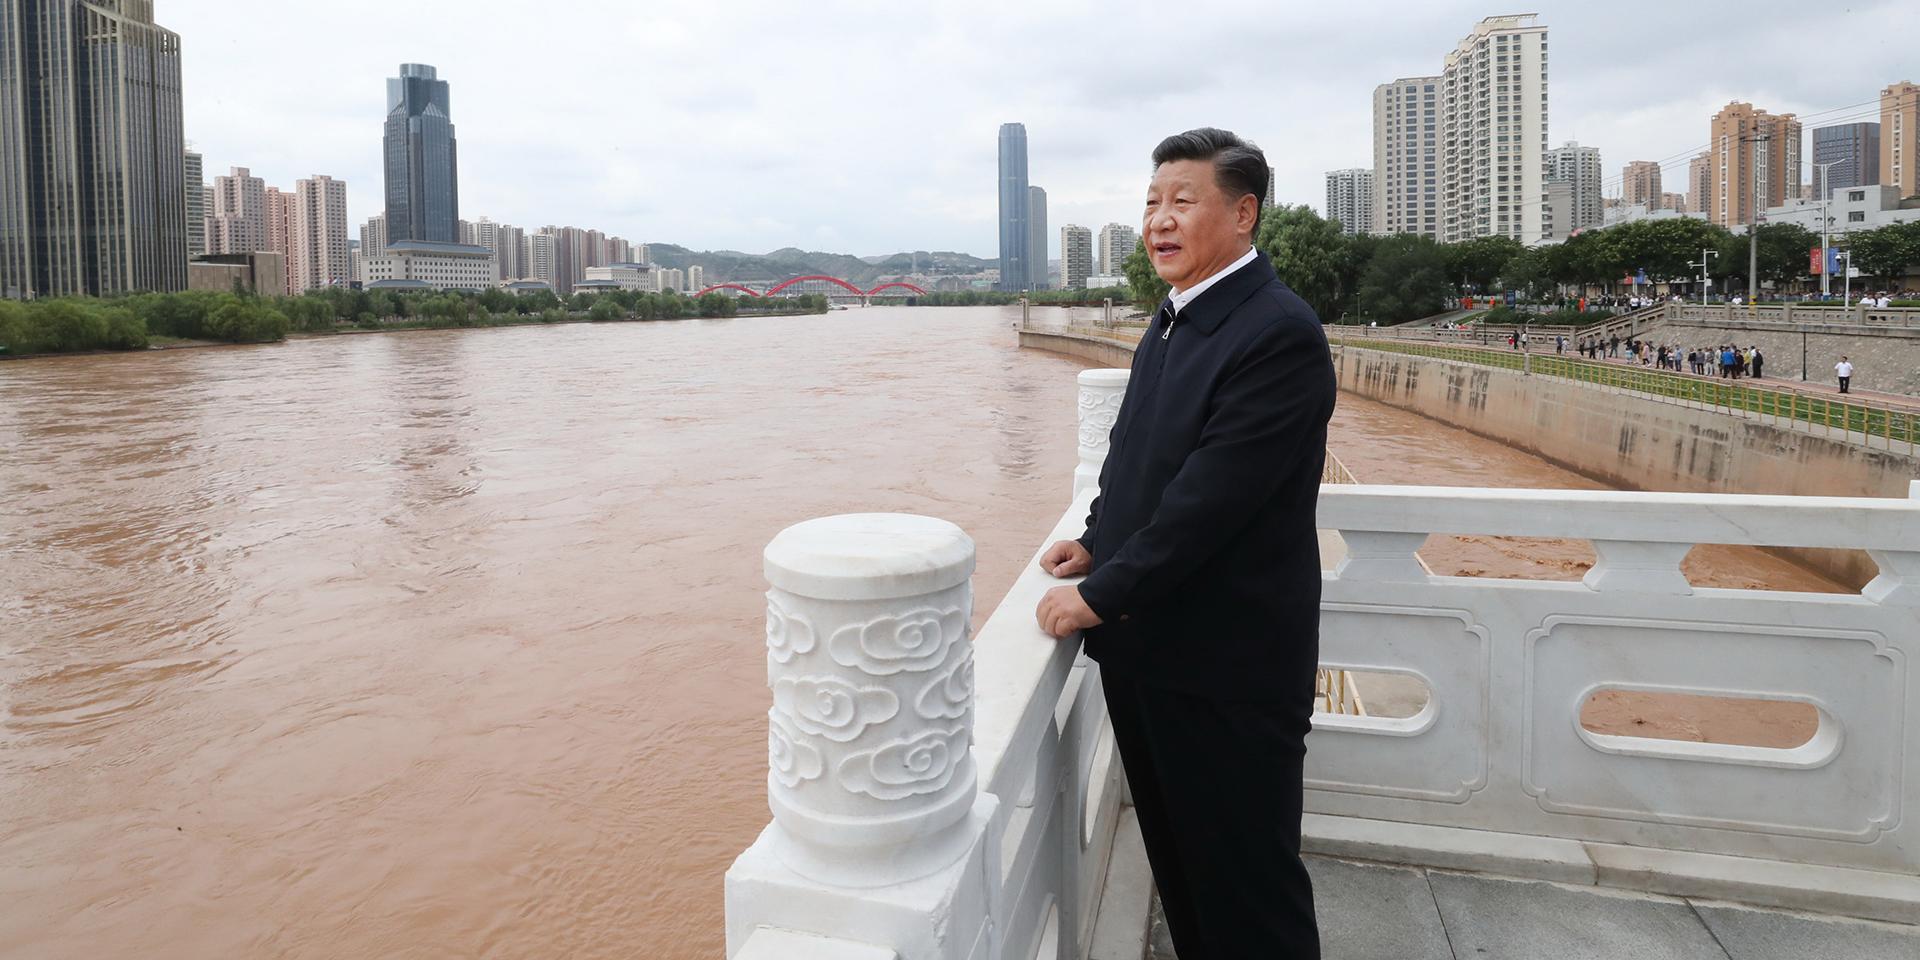 保护好中华民族精神生生不息的根脉。